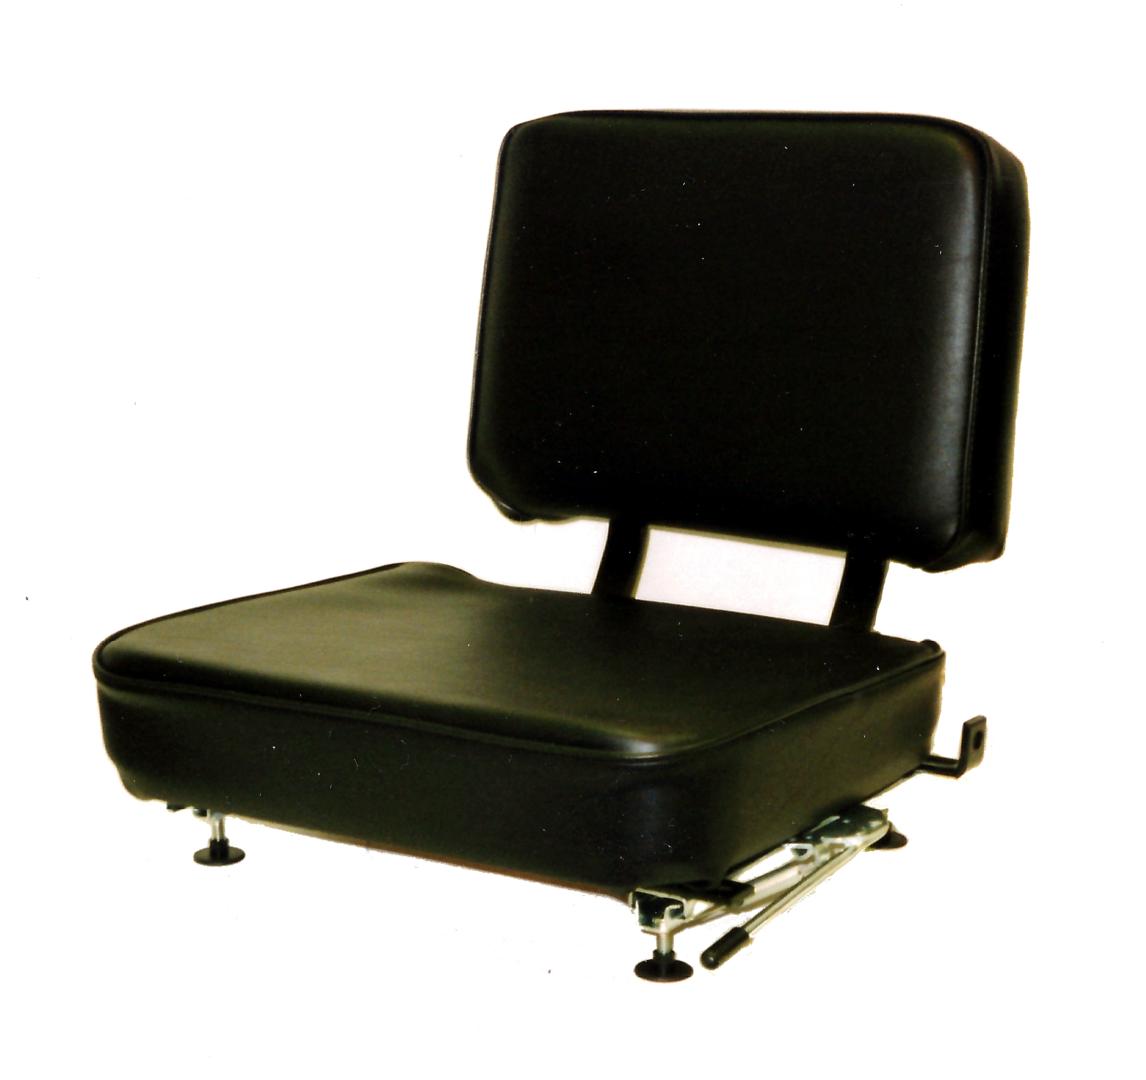 STD - Standard Seat